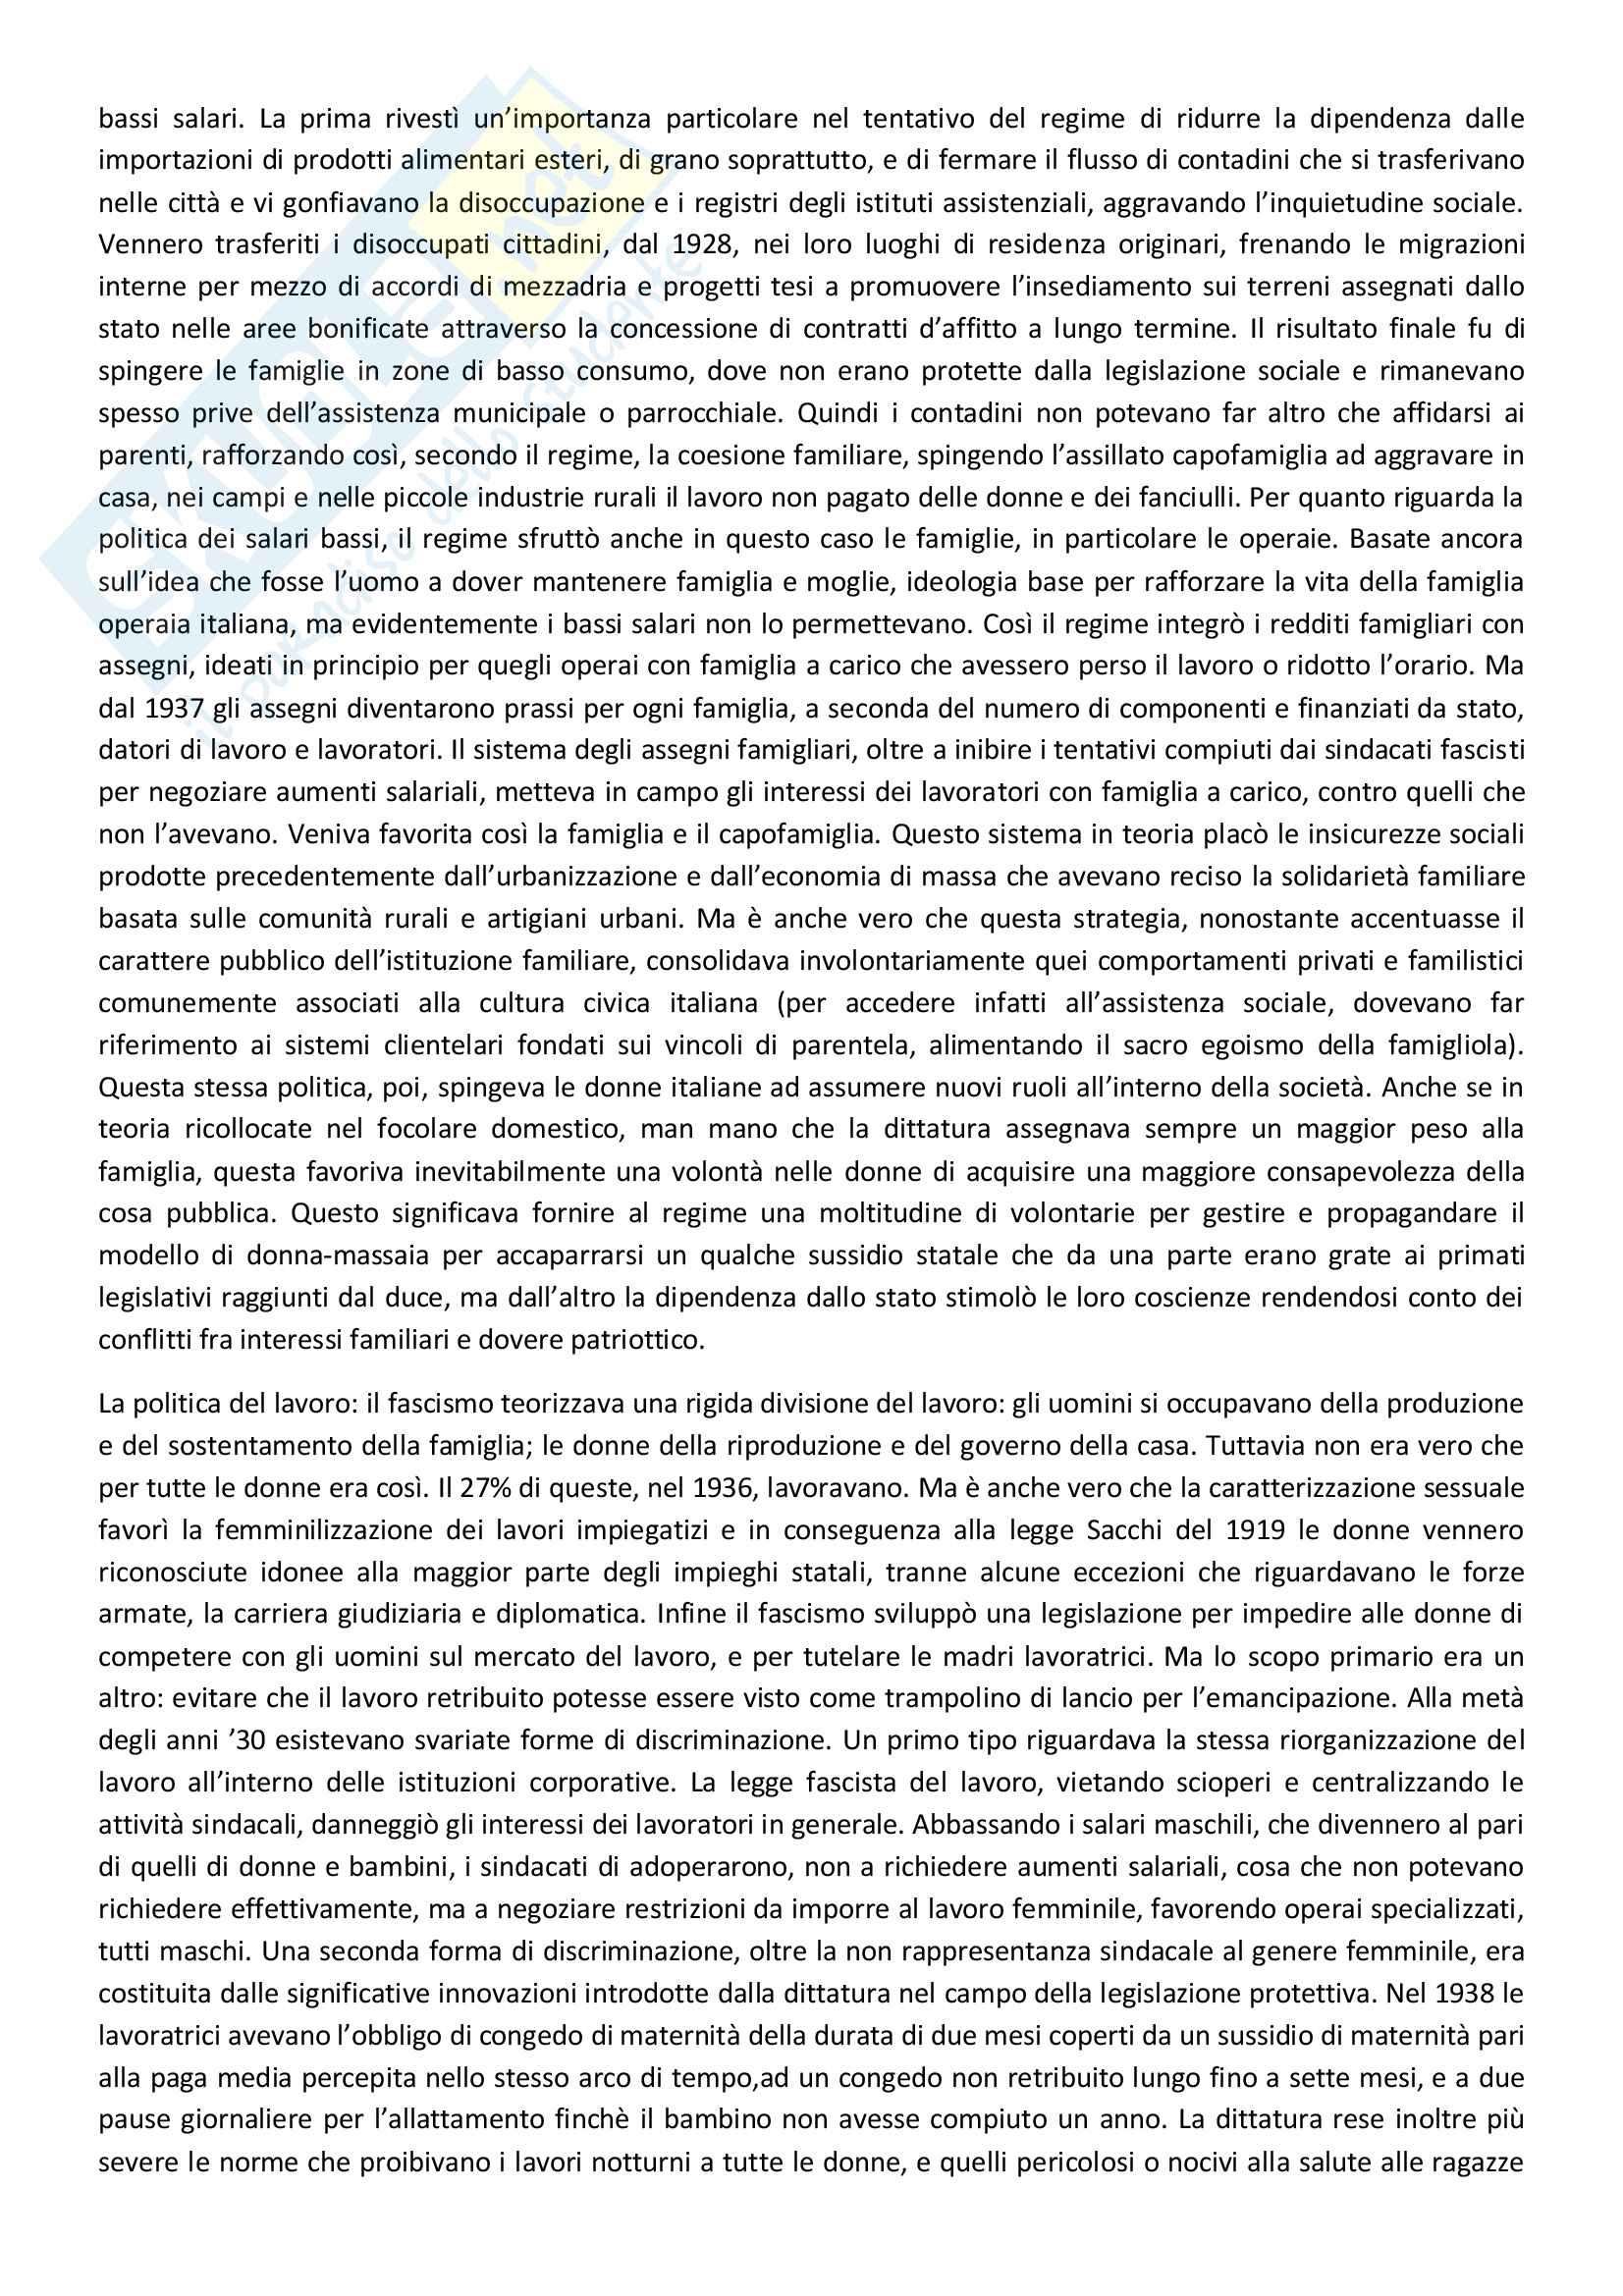 Sunto di storia contemporanea, docente Adorni, libro consigliato Storia delle donne in Occidente - Il Novecento, Autore Duby, Perrot Pag. 16